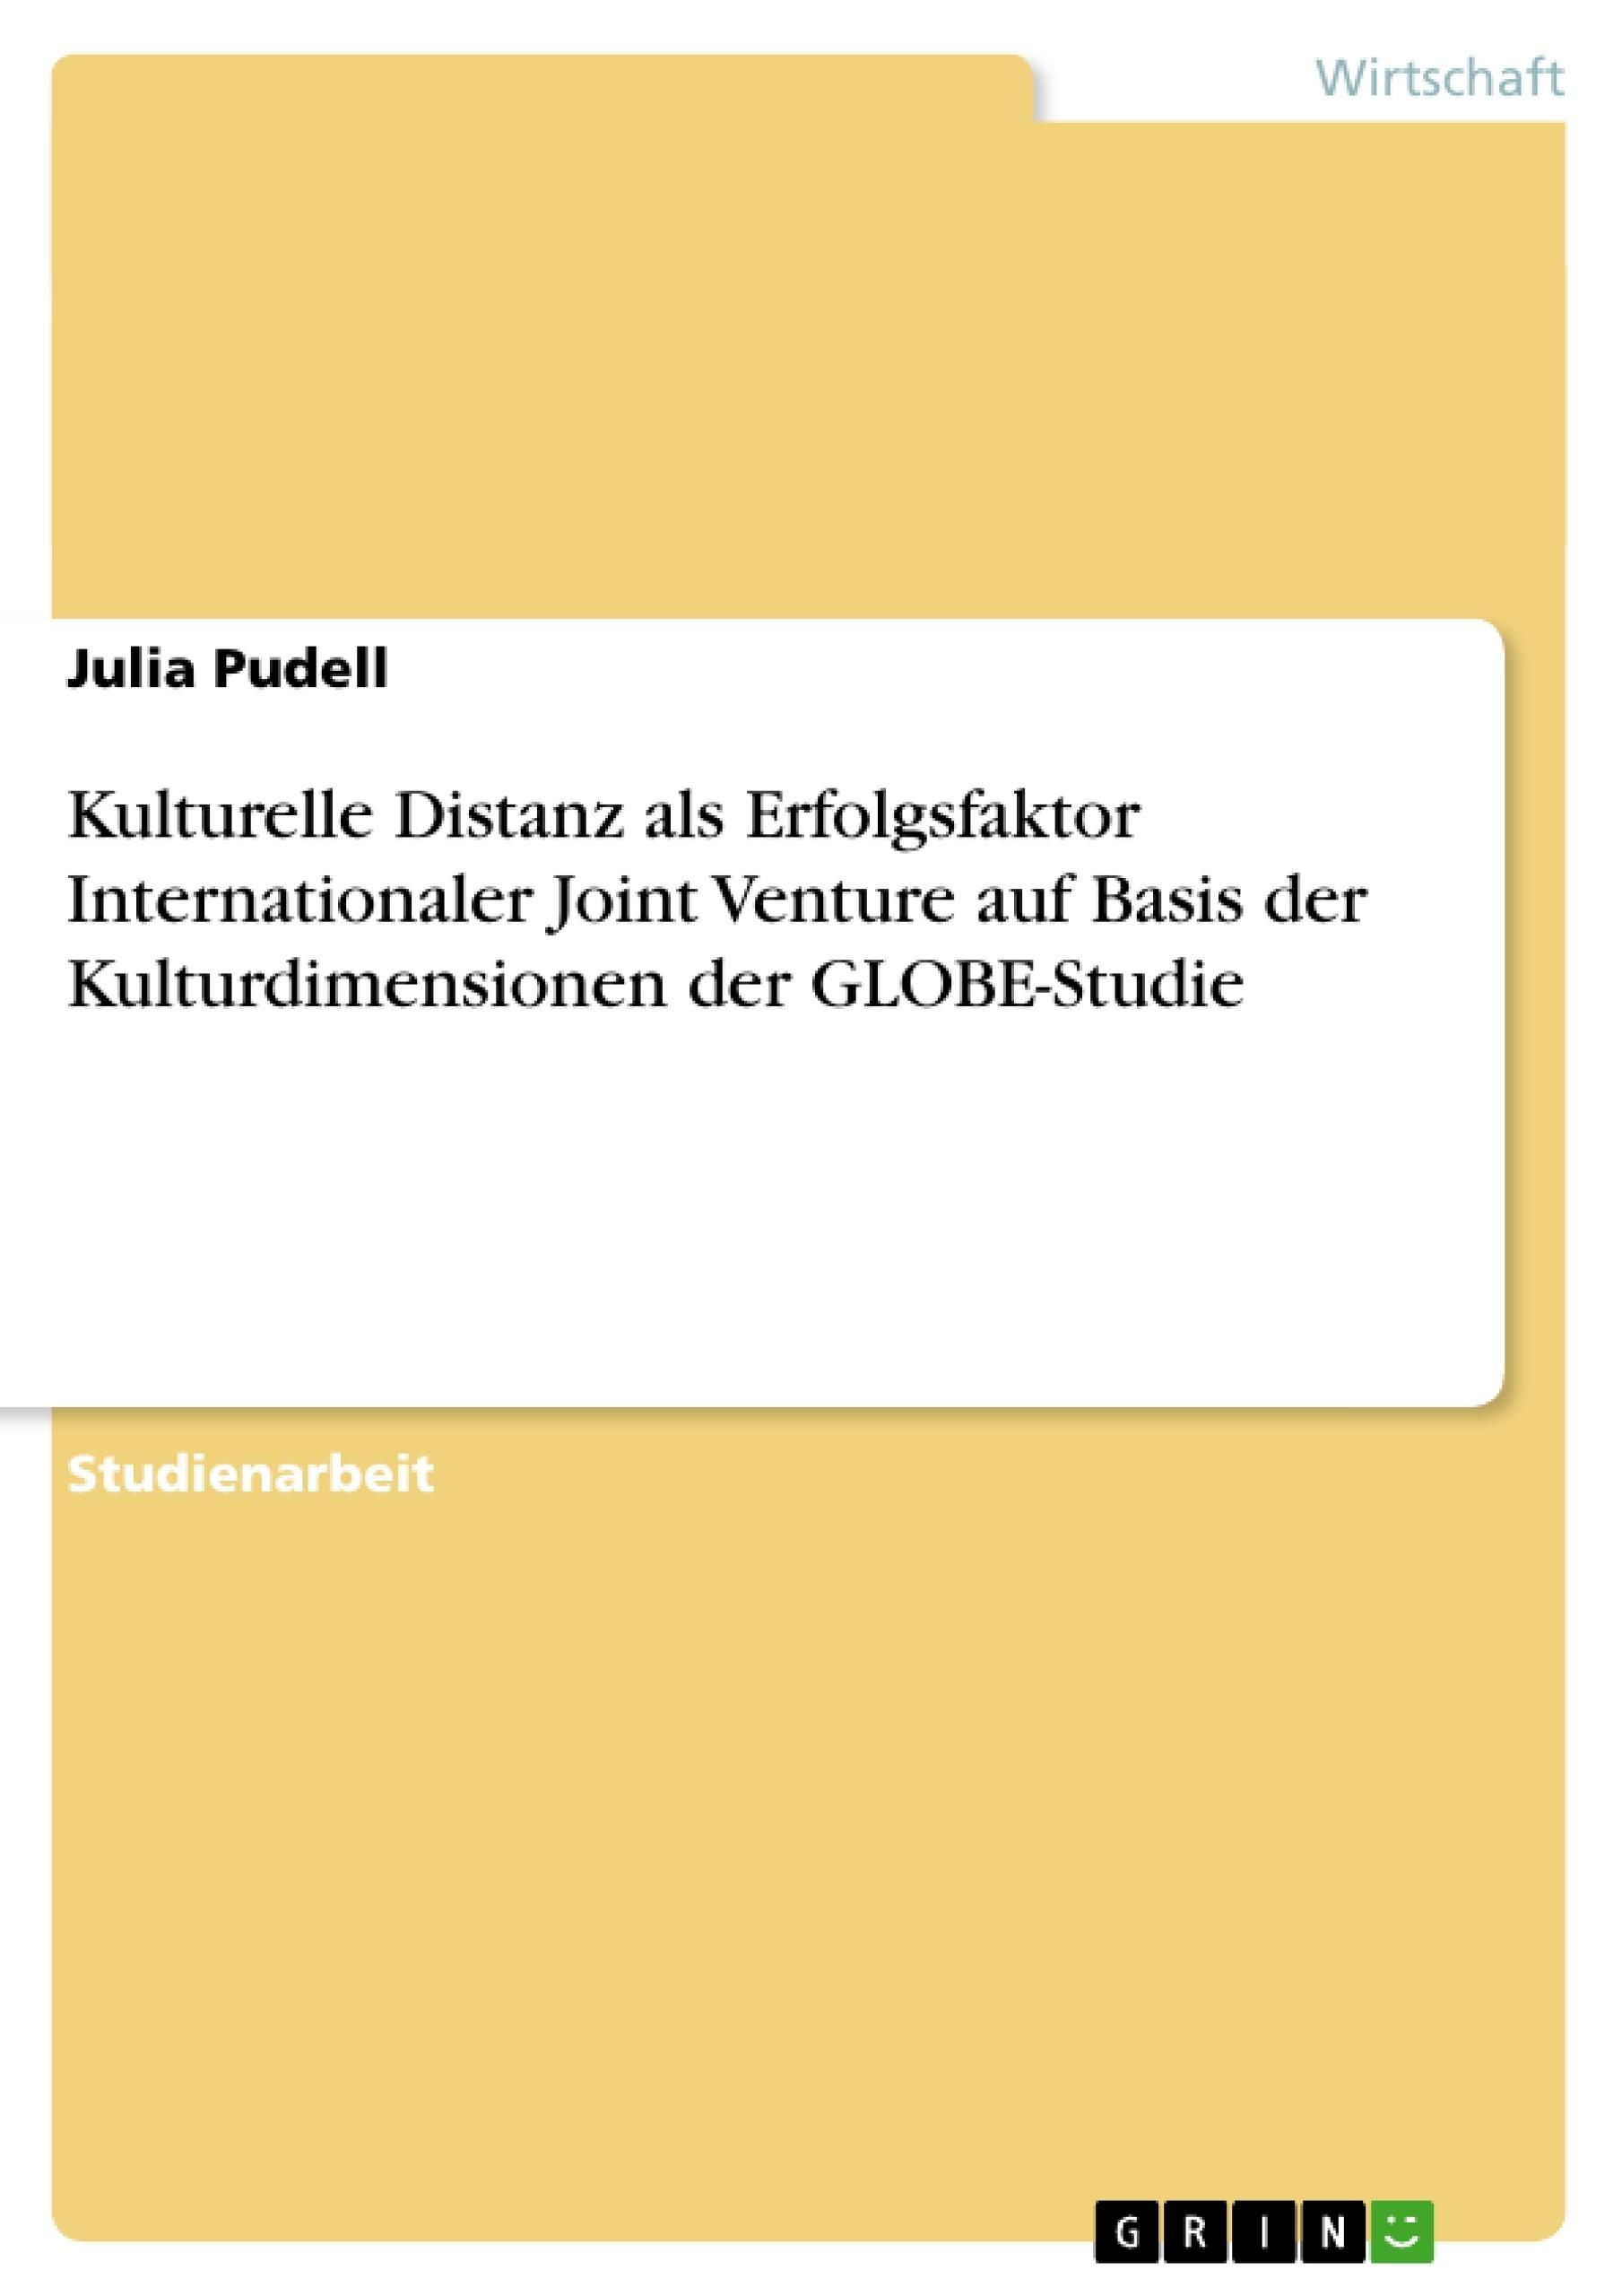 Titel: Kulturelle Distanz als Erfolgsfaktor Internationaler Joint Venture auf Basis der Kulturdimensionen der GLOBE-Studie